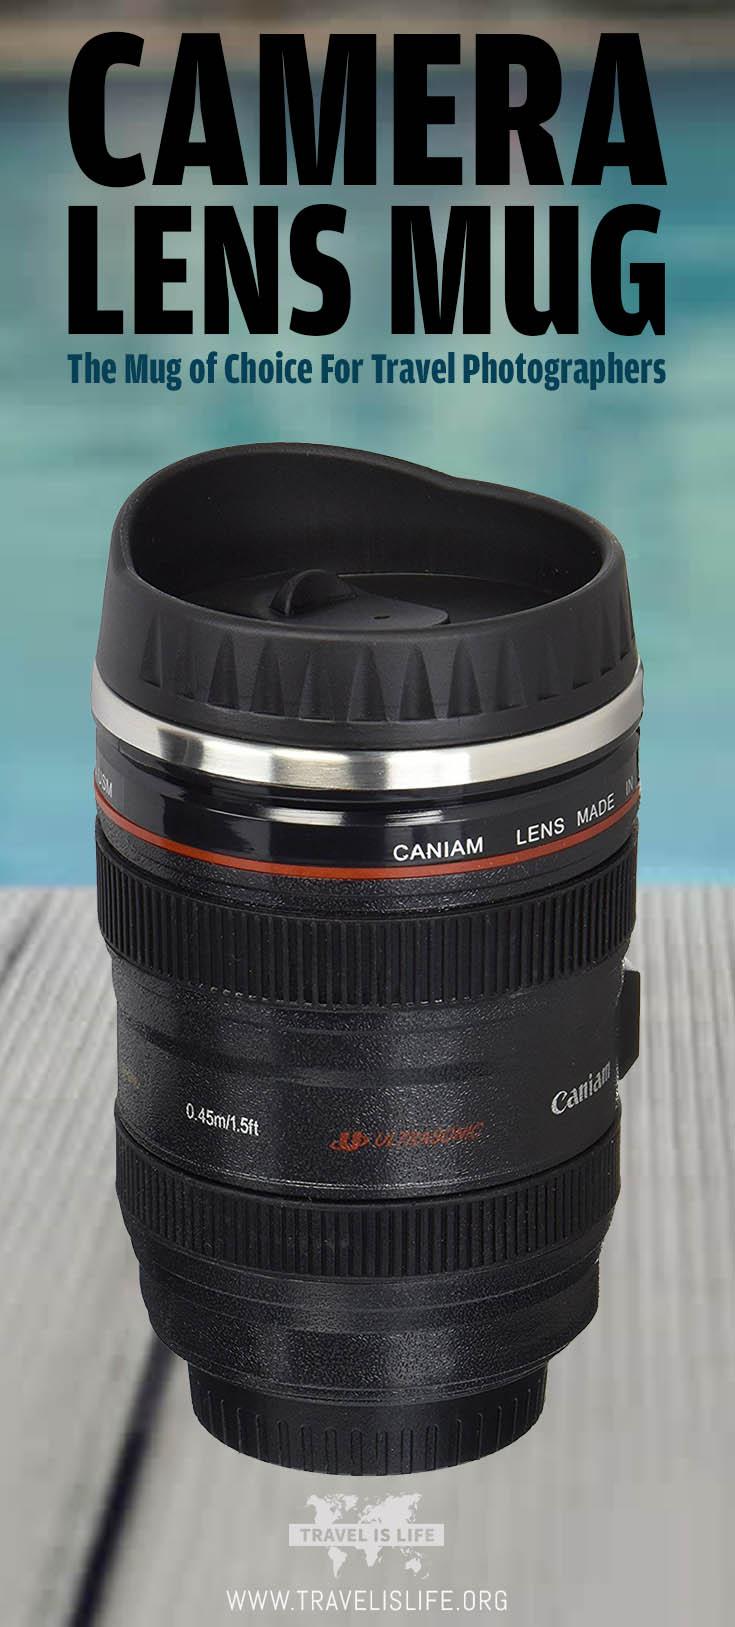 Camera Lens Travel Mug  Thermos of Choice for Travel